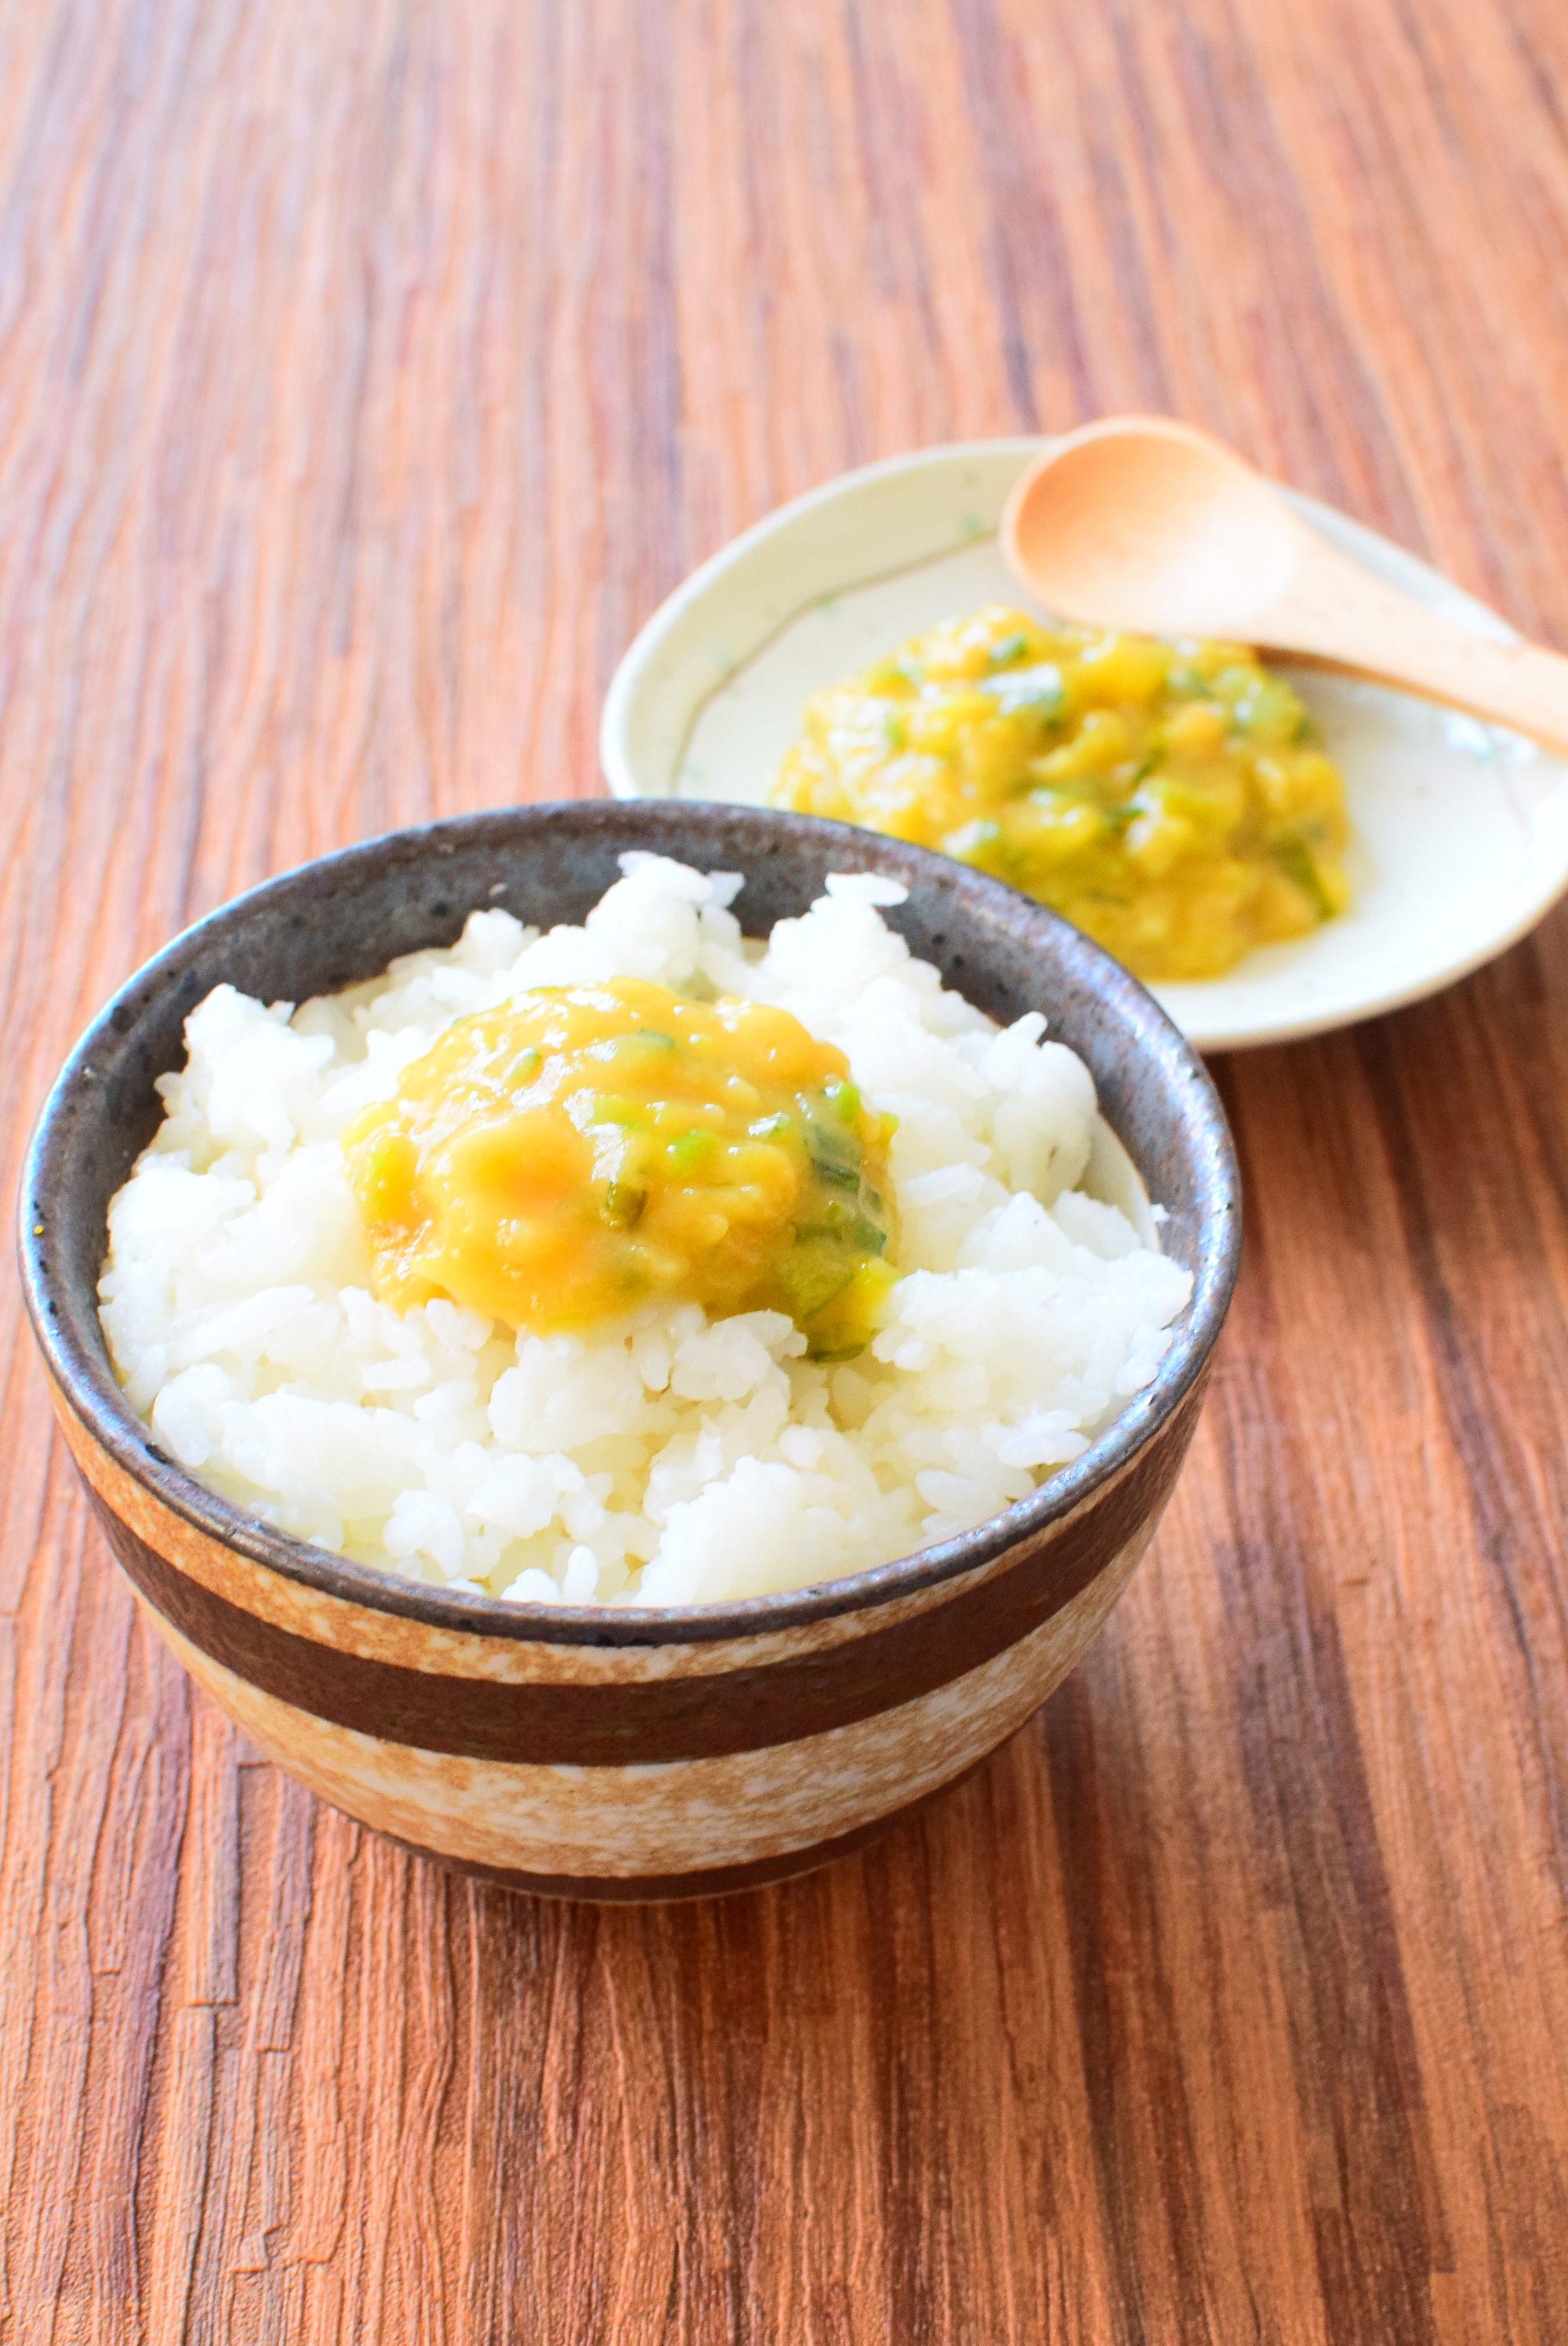 オリーブオイルで炒める!ねぎ味噌のレシピ